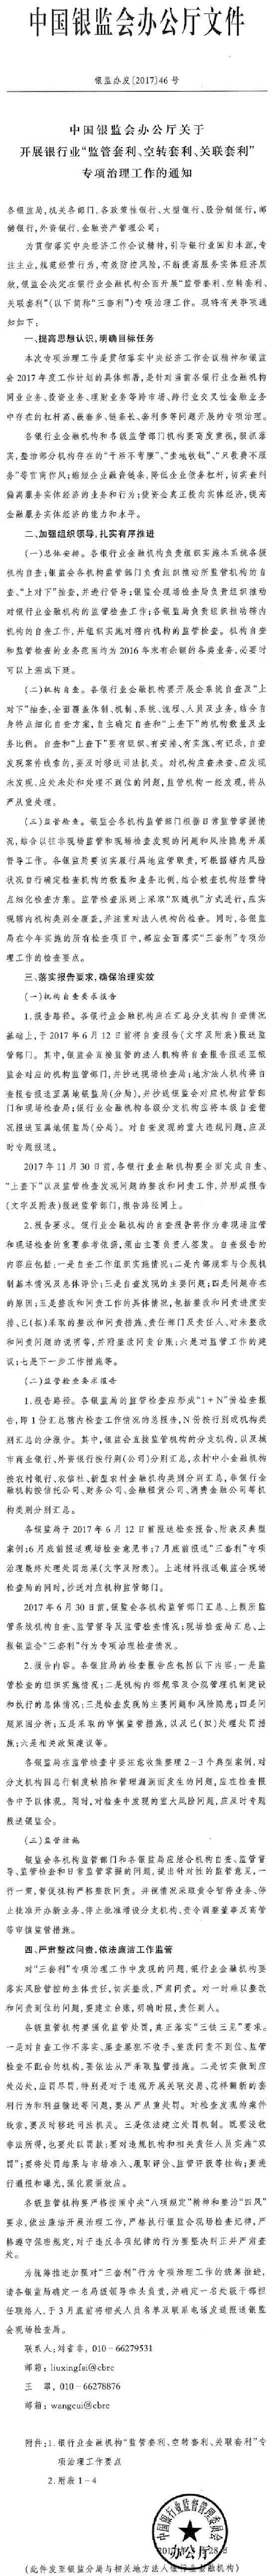 银监办2017 46号原文 关于开展银行业监管、空转、关联套利专项治理